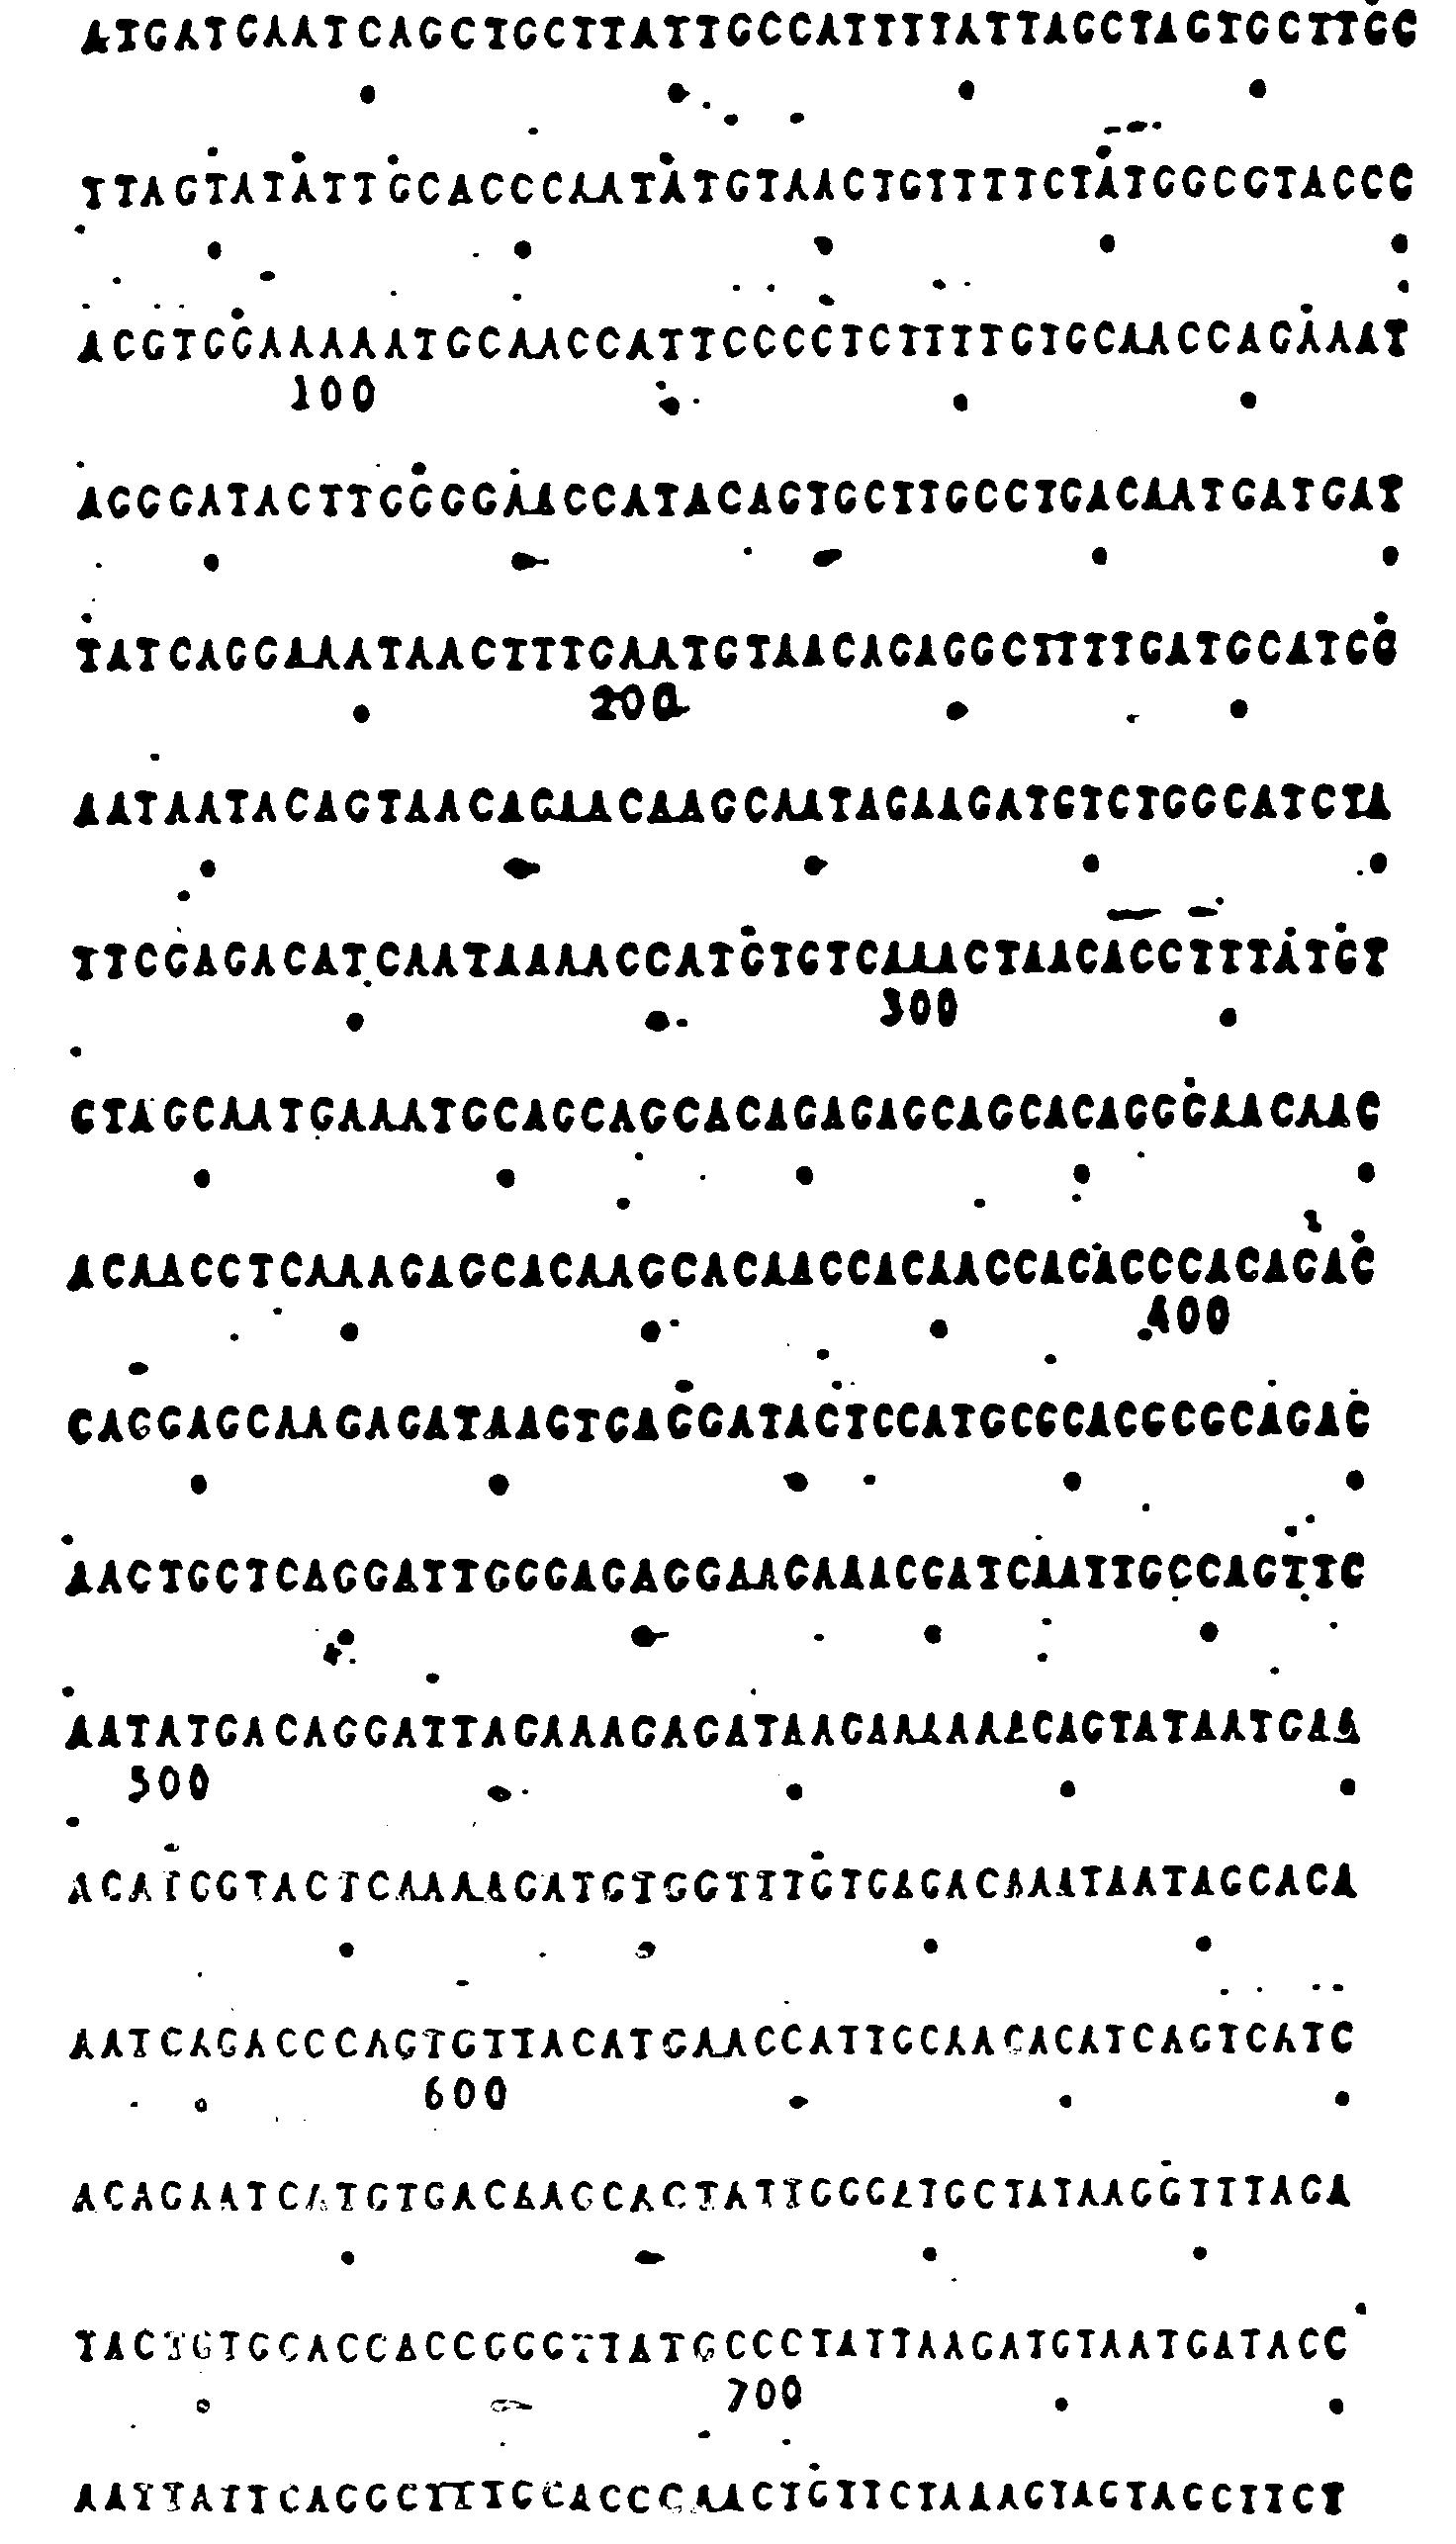 Datation ADN eng sub